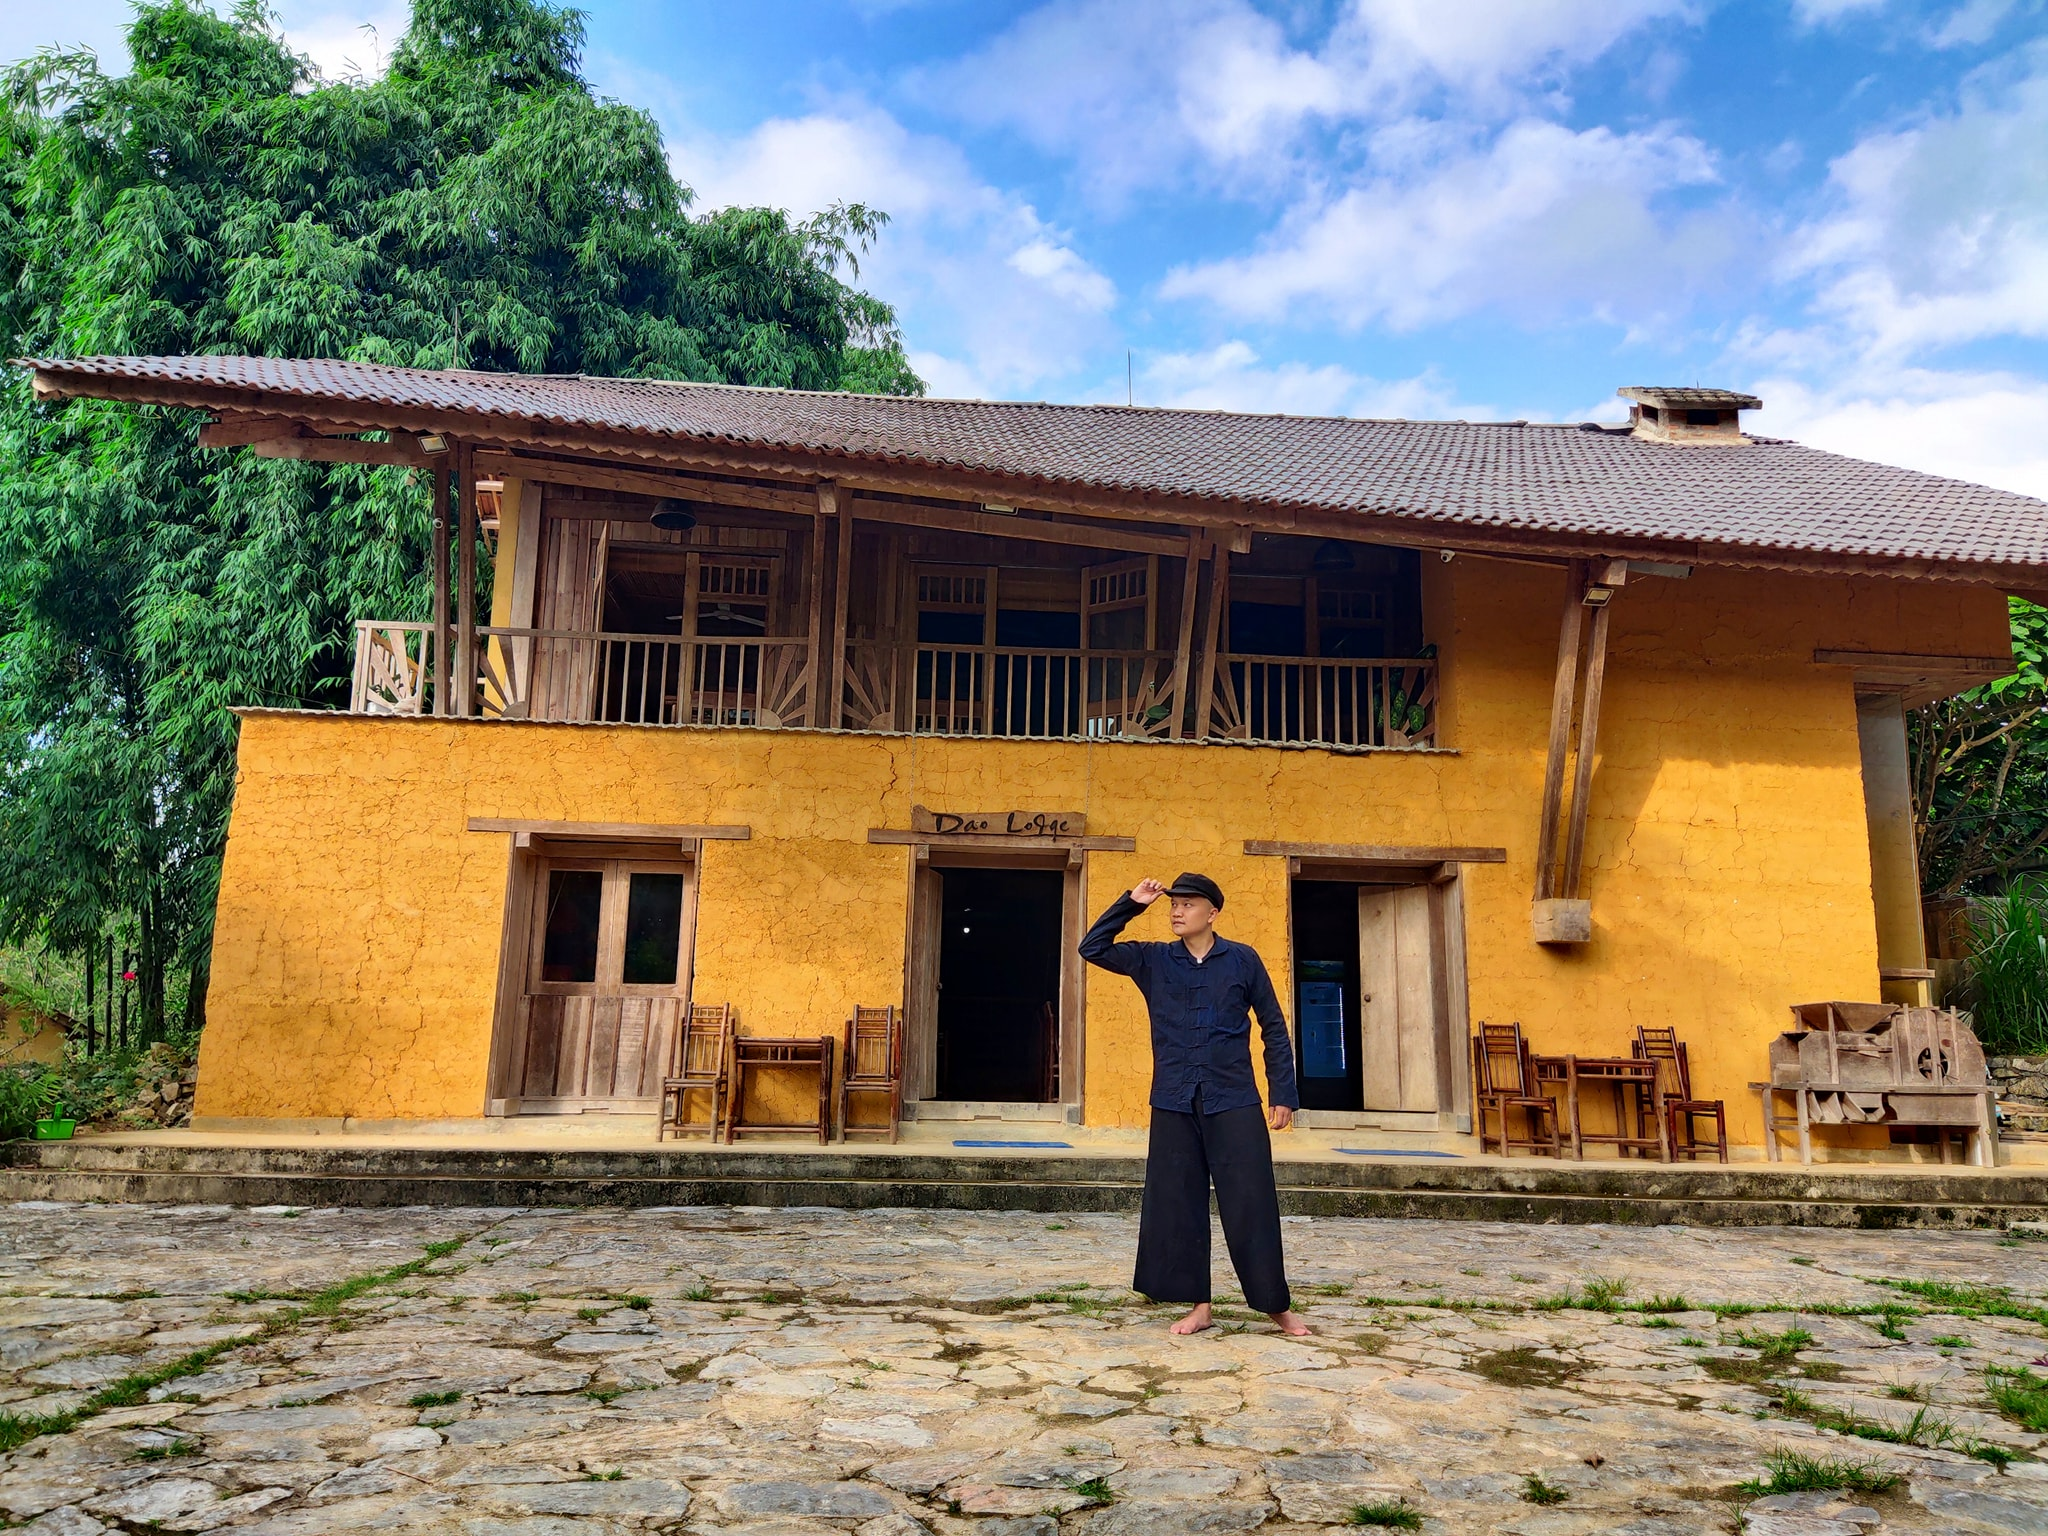 Những ngôi nhà trình tường độc đáo ở Nậm Đăm. Hình: Tuan Dao Manh